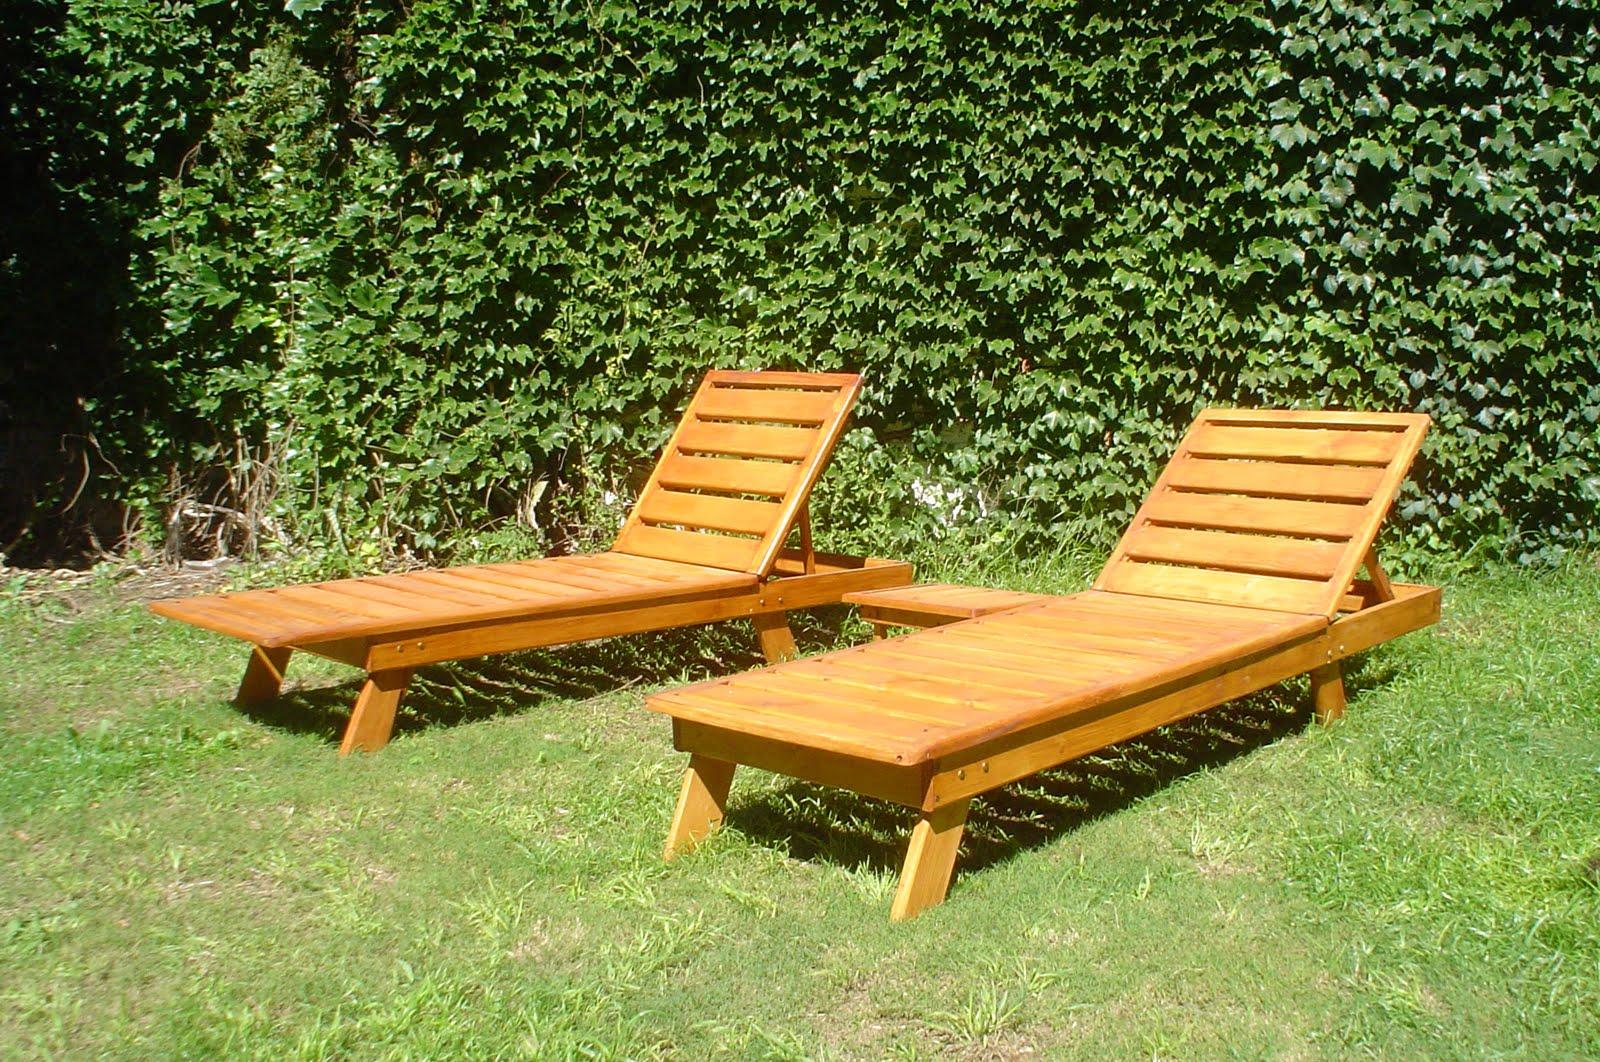 Muebles noruega reposera de madera para jardin for Muebles para jardin en madera